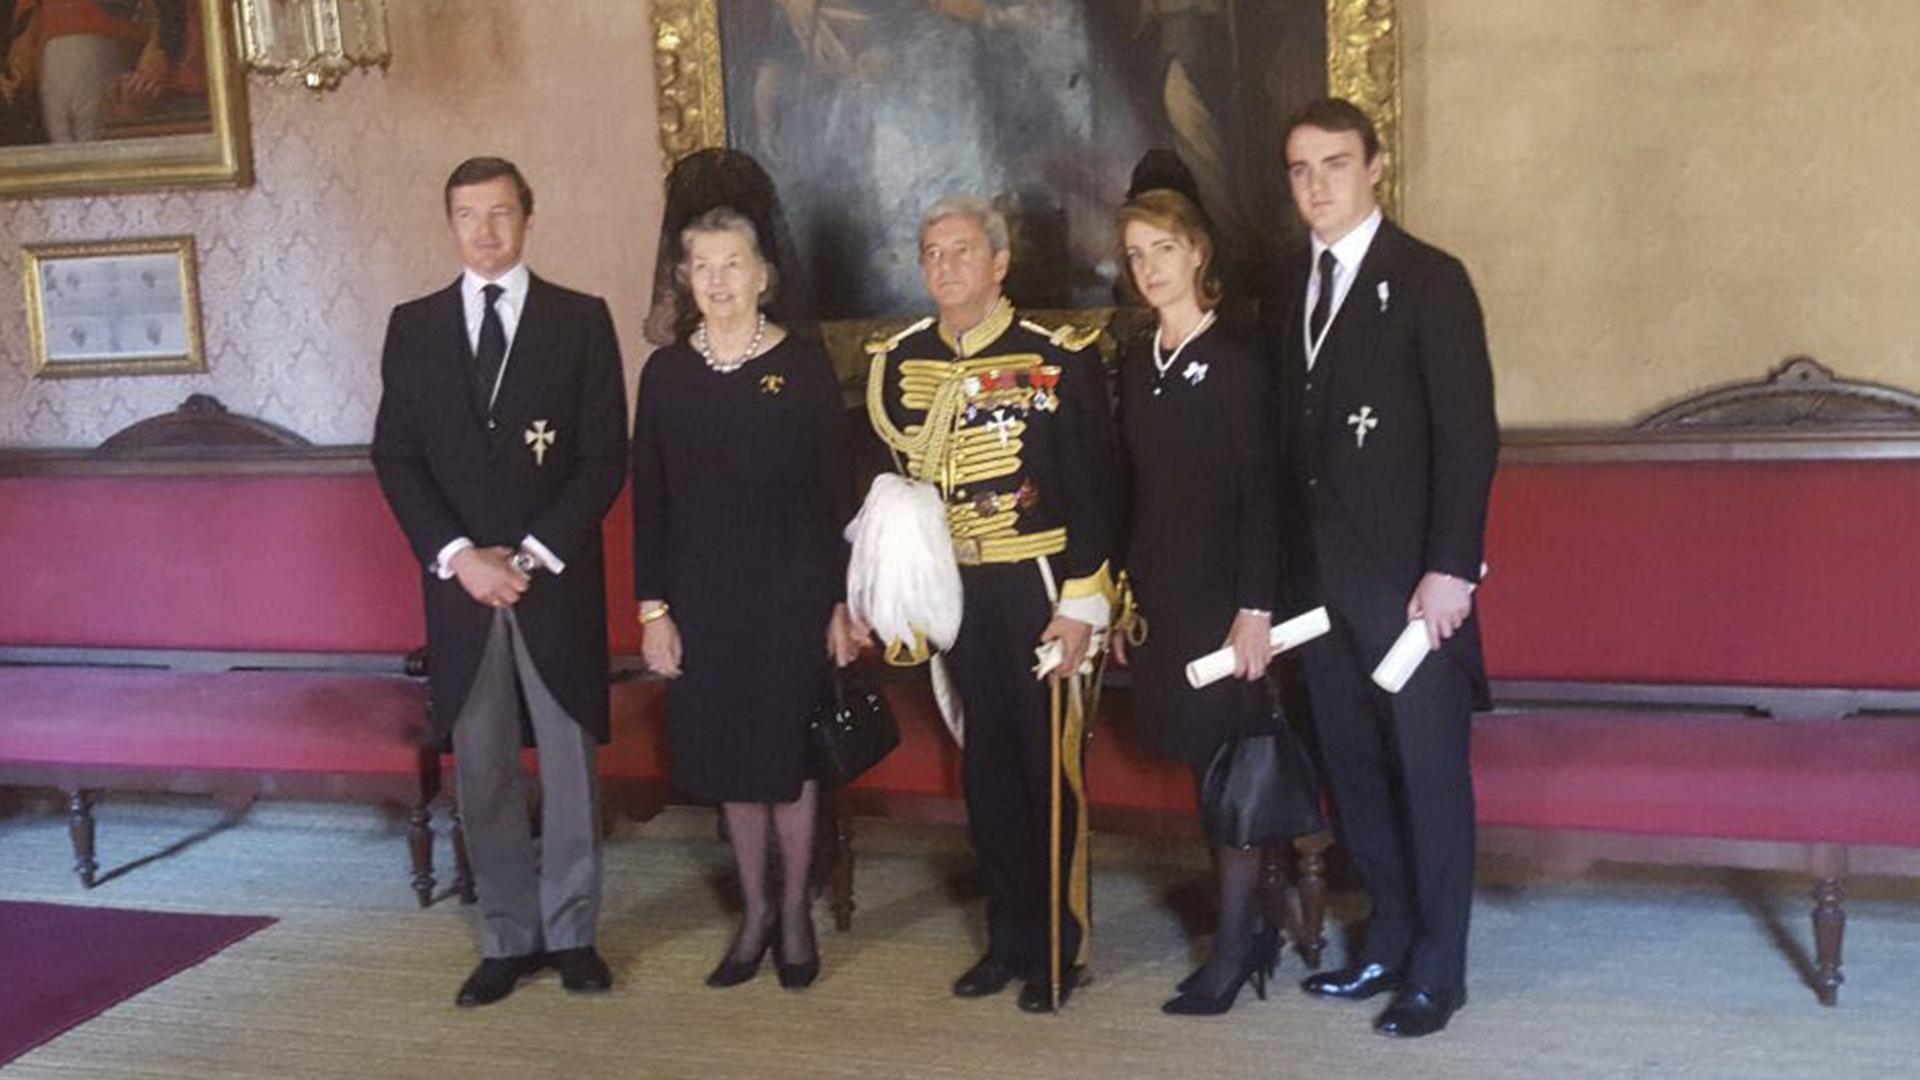 RMCZ Recepcion Duques de Calabria 01